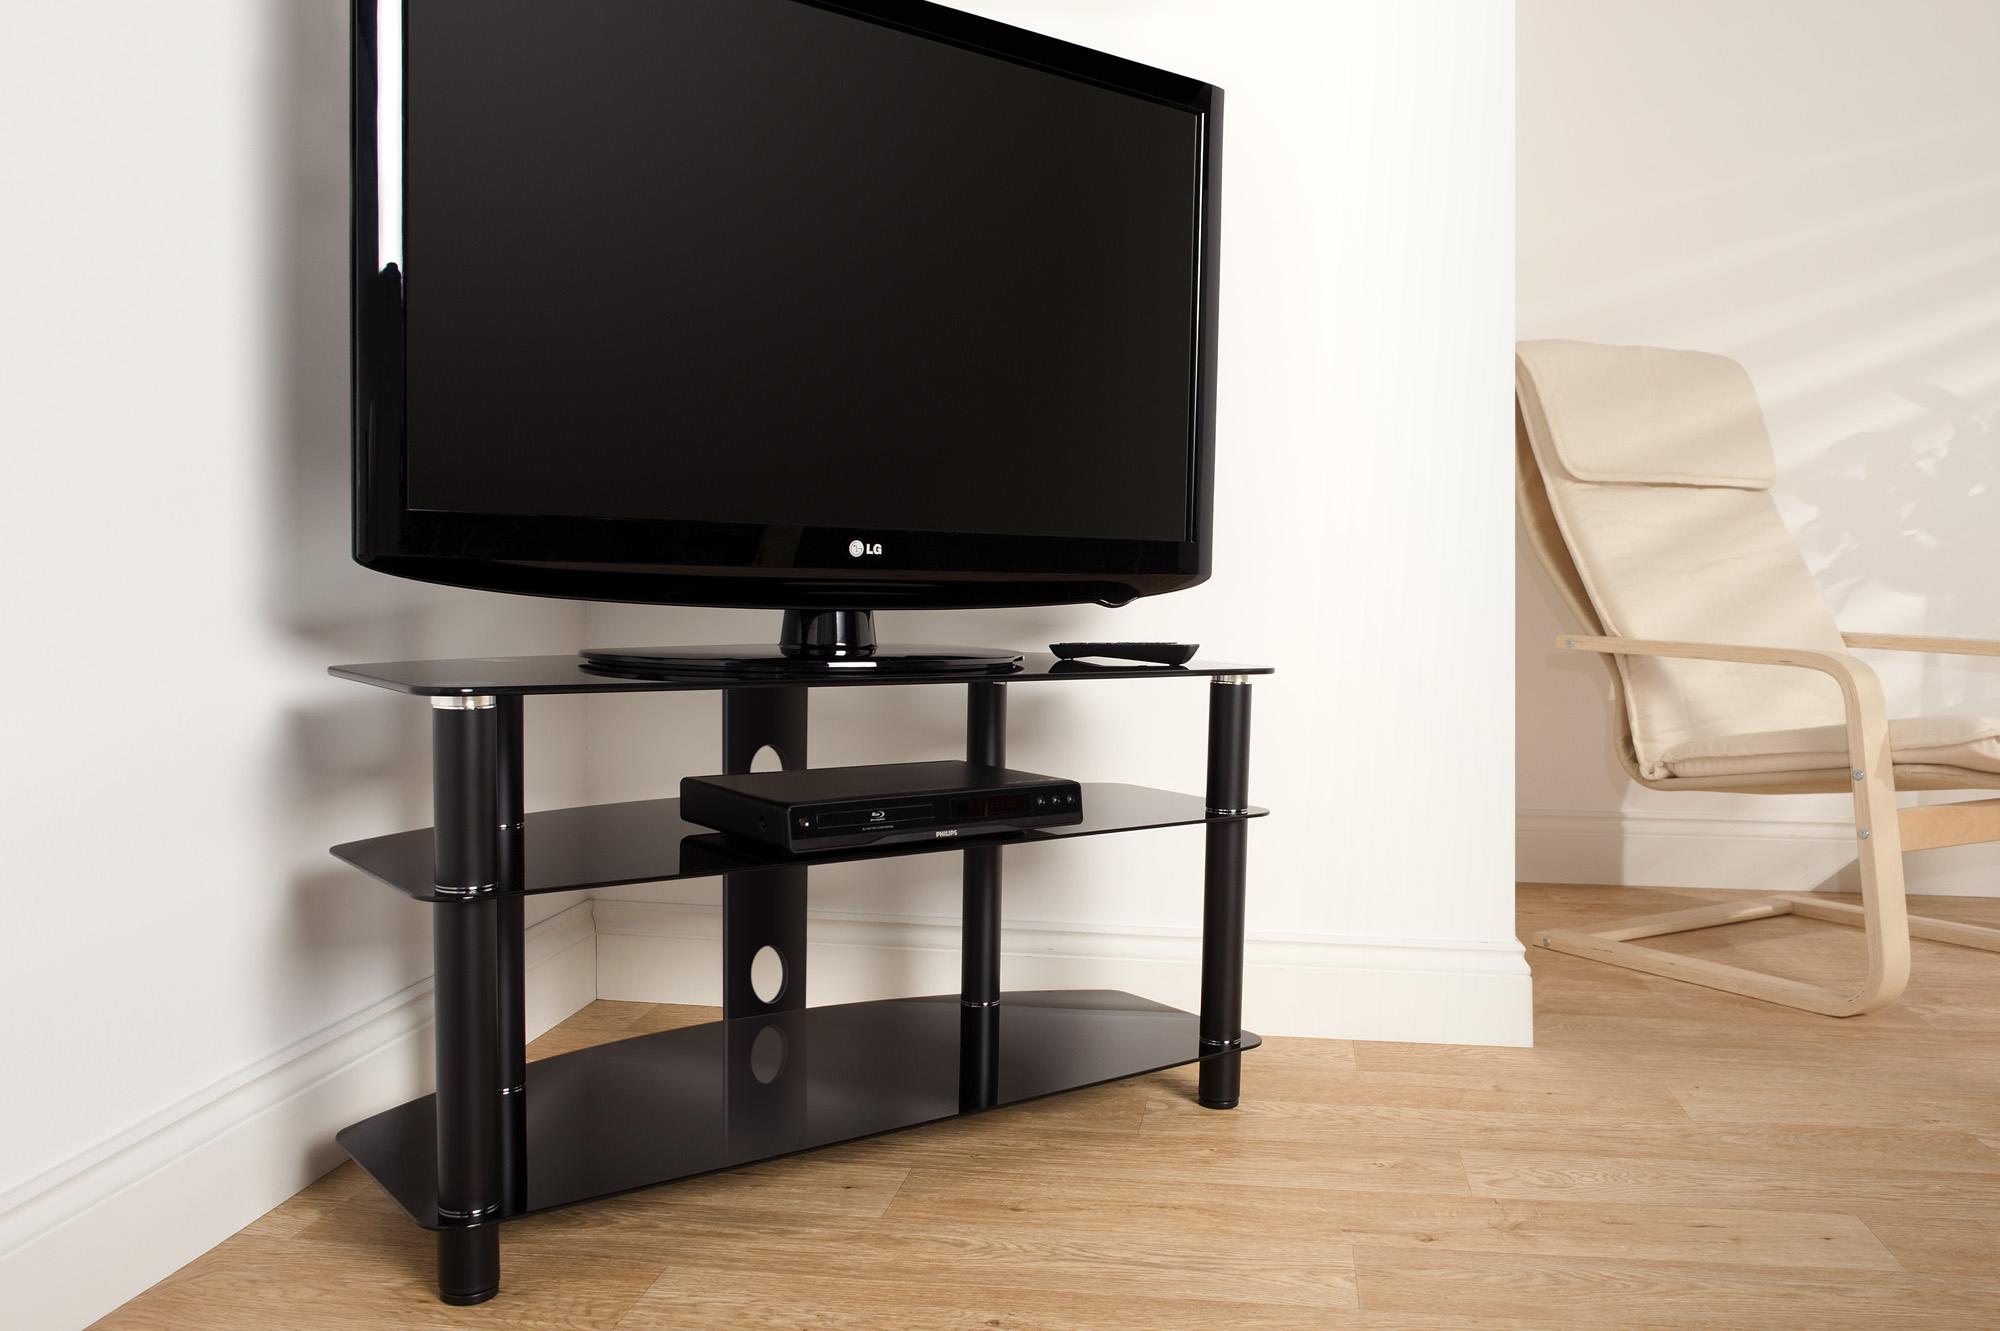 Эти ТВ-тумбы изготовлены из современных материалов